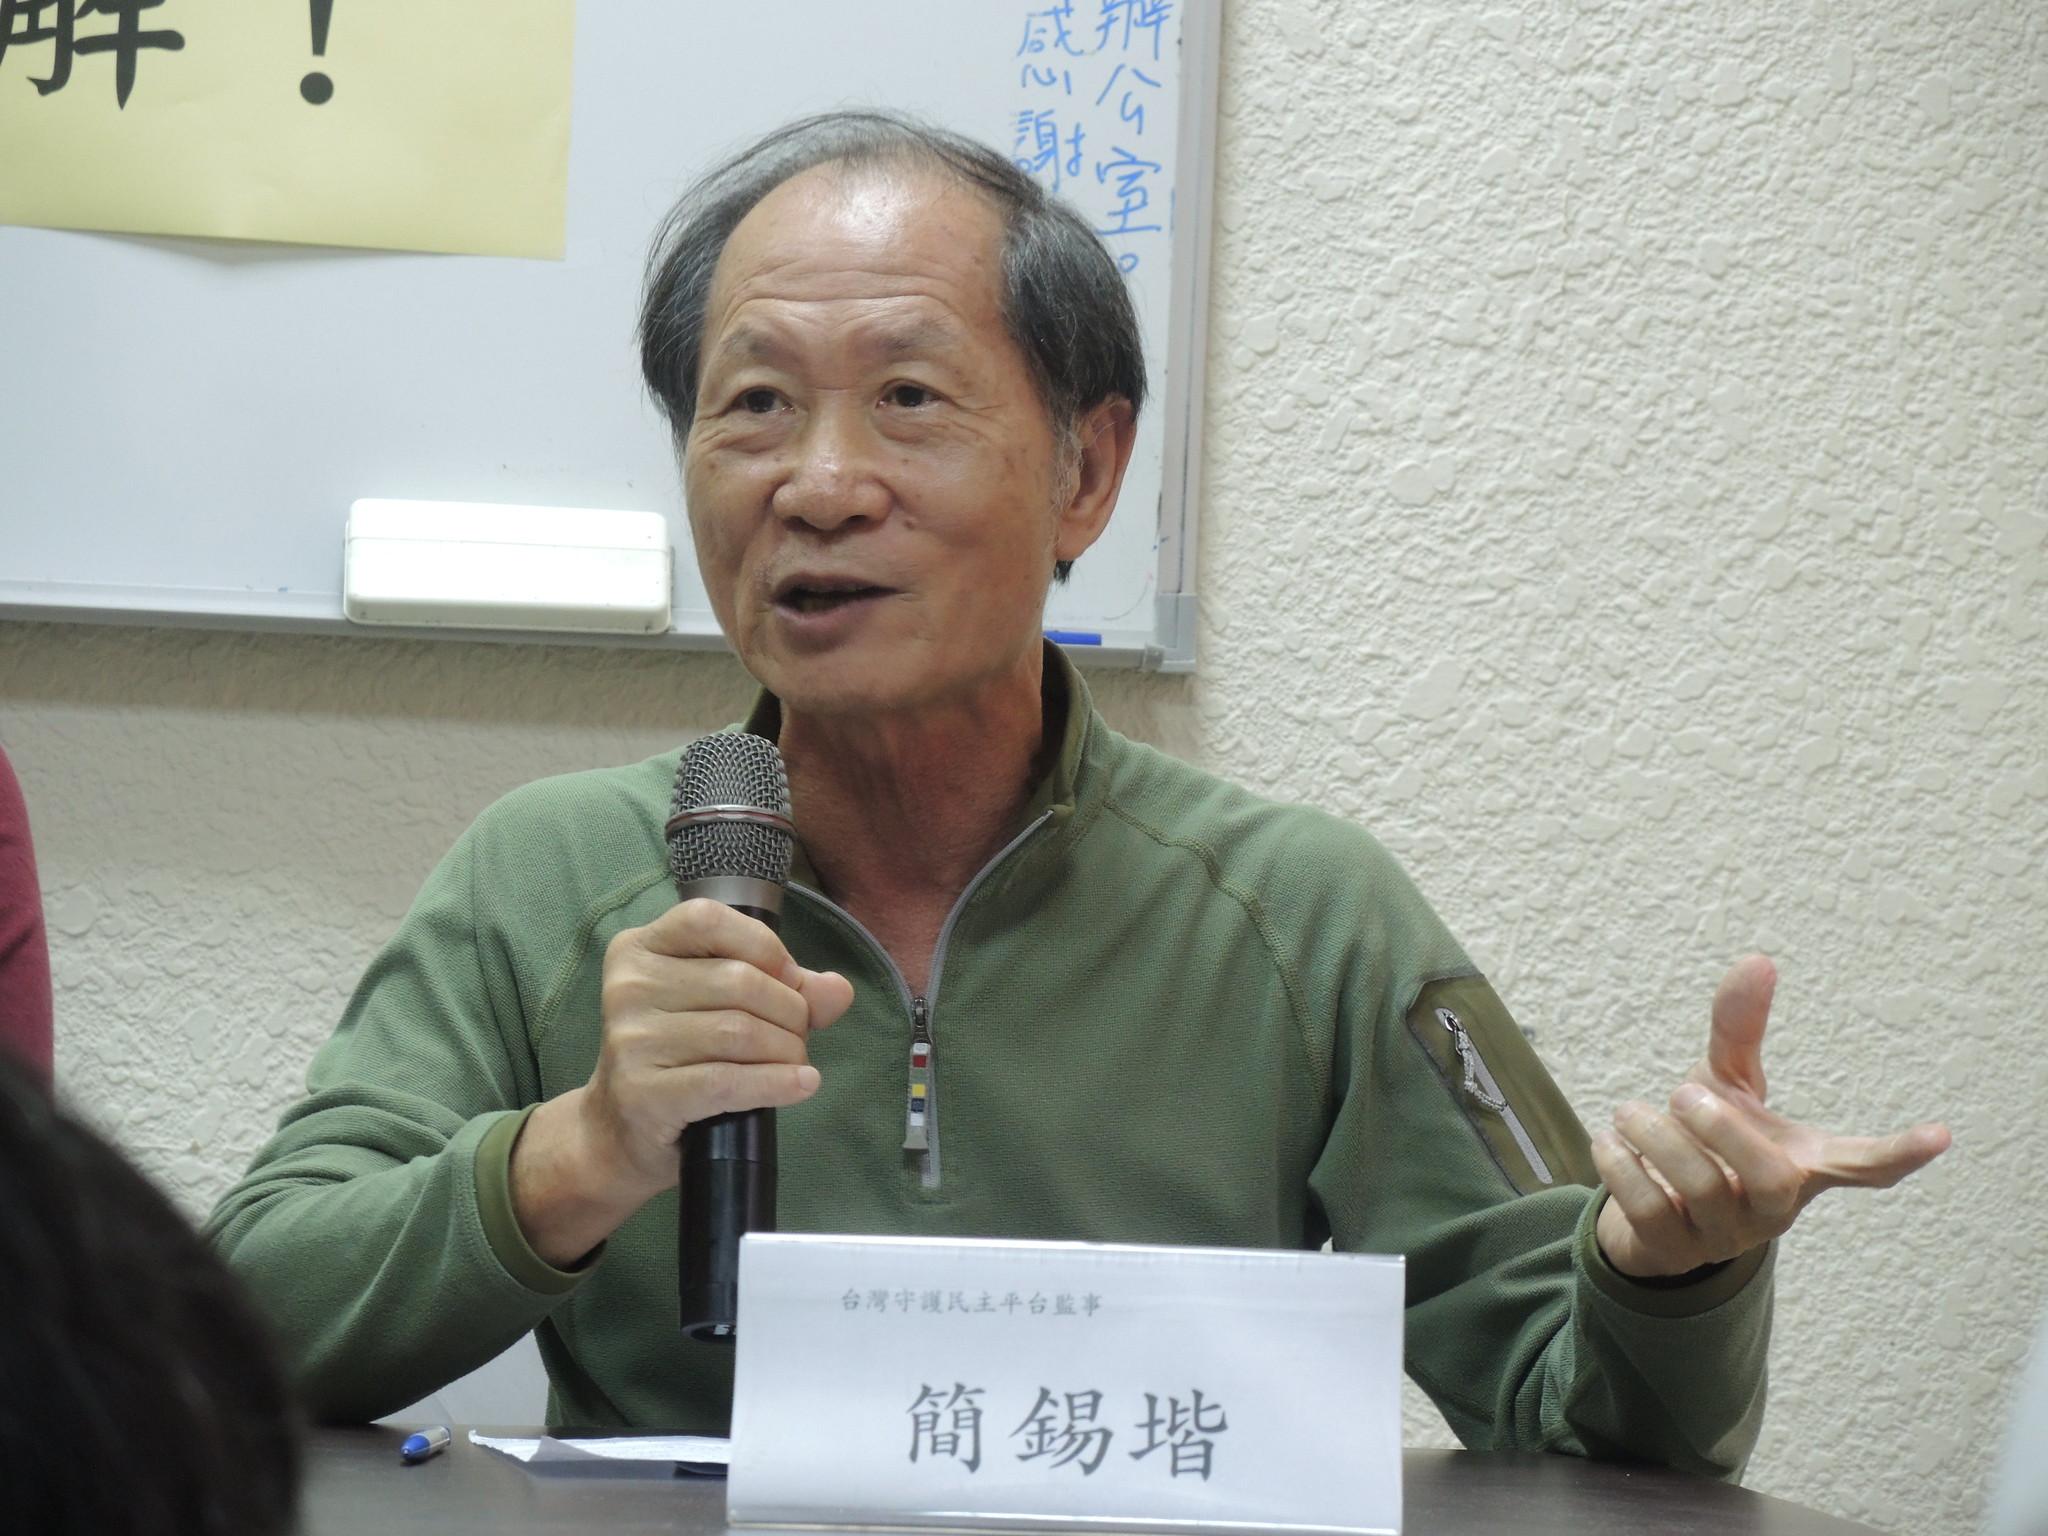 台灣守護民主平台監事簡錫堦奉勸民進黨不要太過自信,呼籲明年選舉的時候勞工用「不投票」團結起來教訓民進黨。(攝影:曾福全)